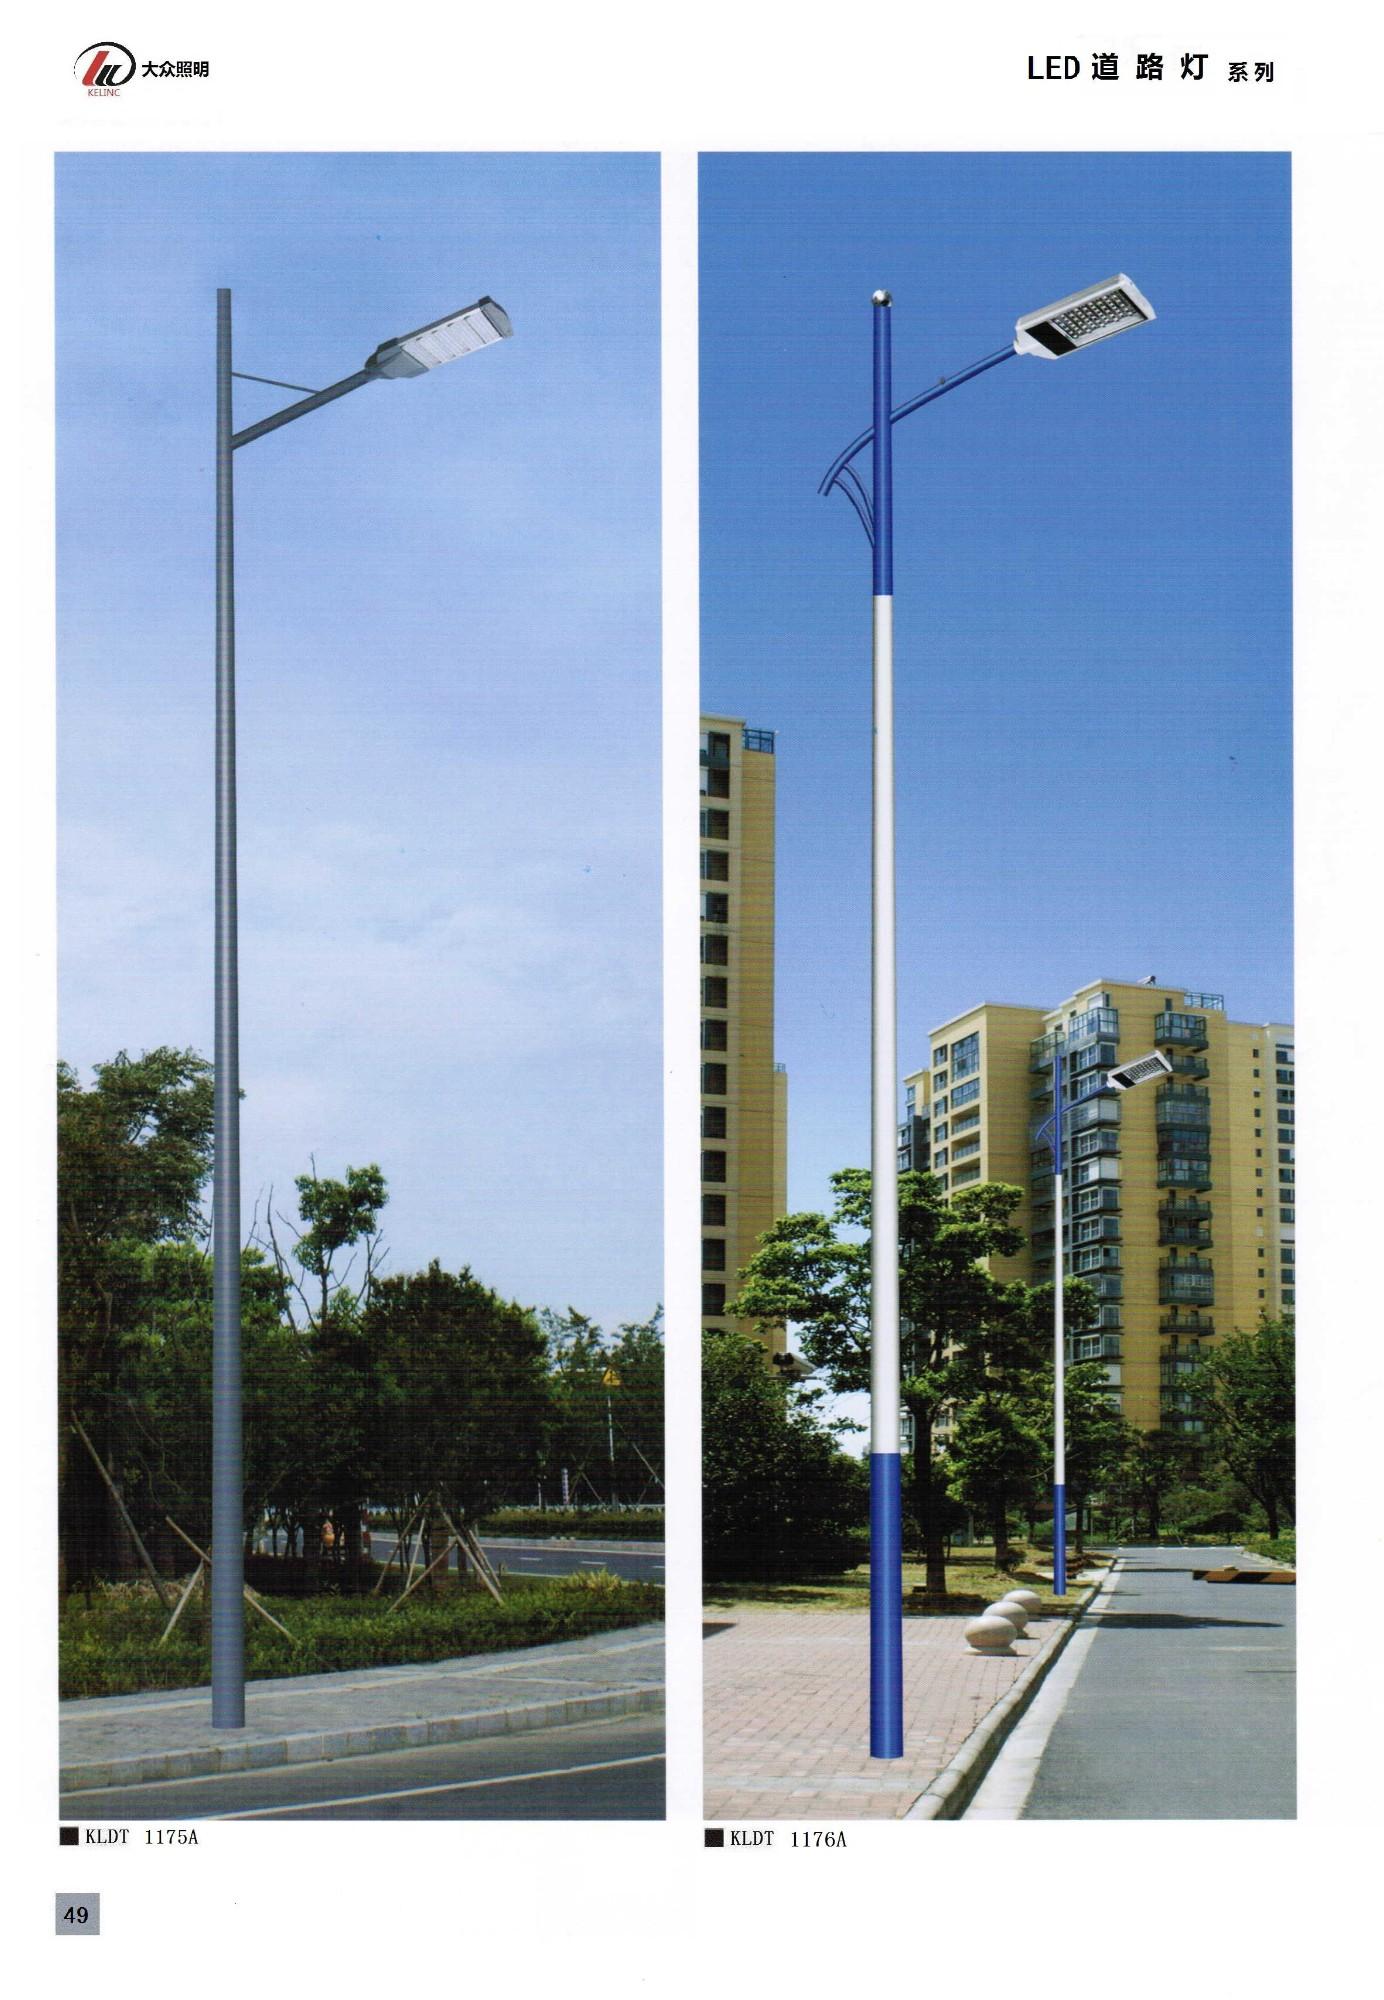 LED路灯的特点及优势